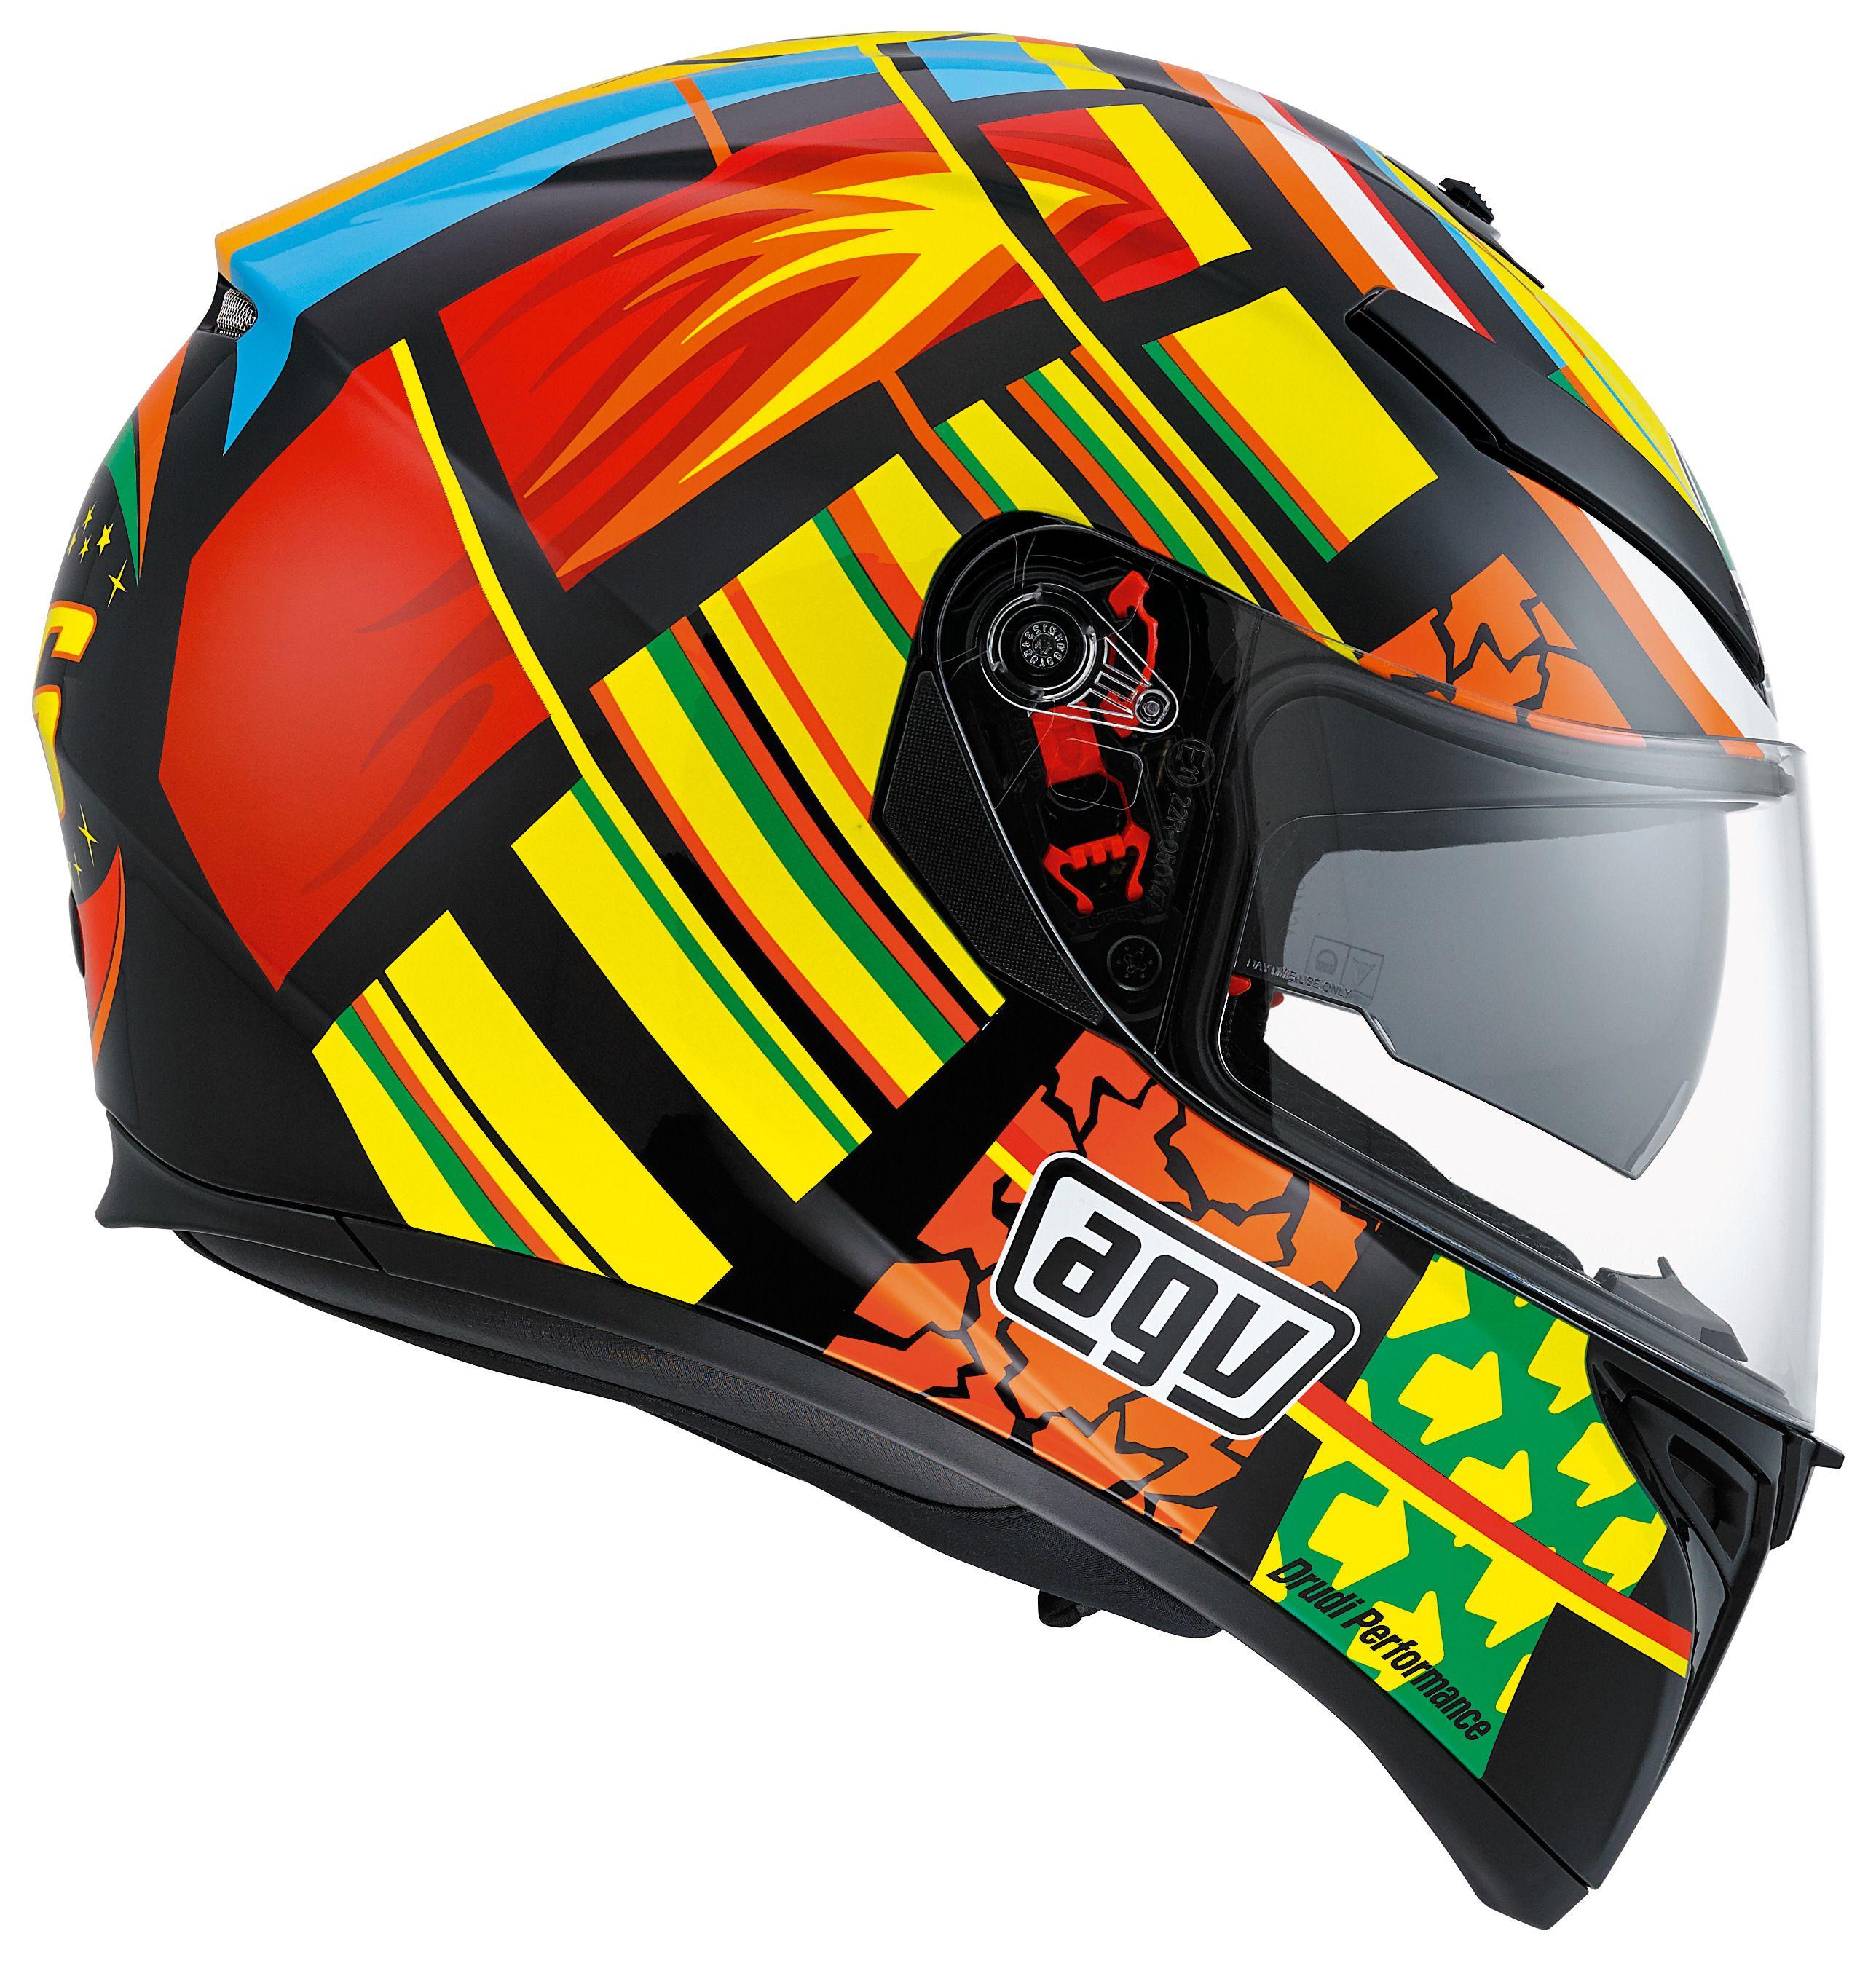 agv k3 sv elements helmet 33 89 96 off revzilla